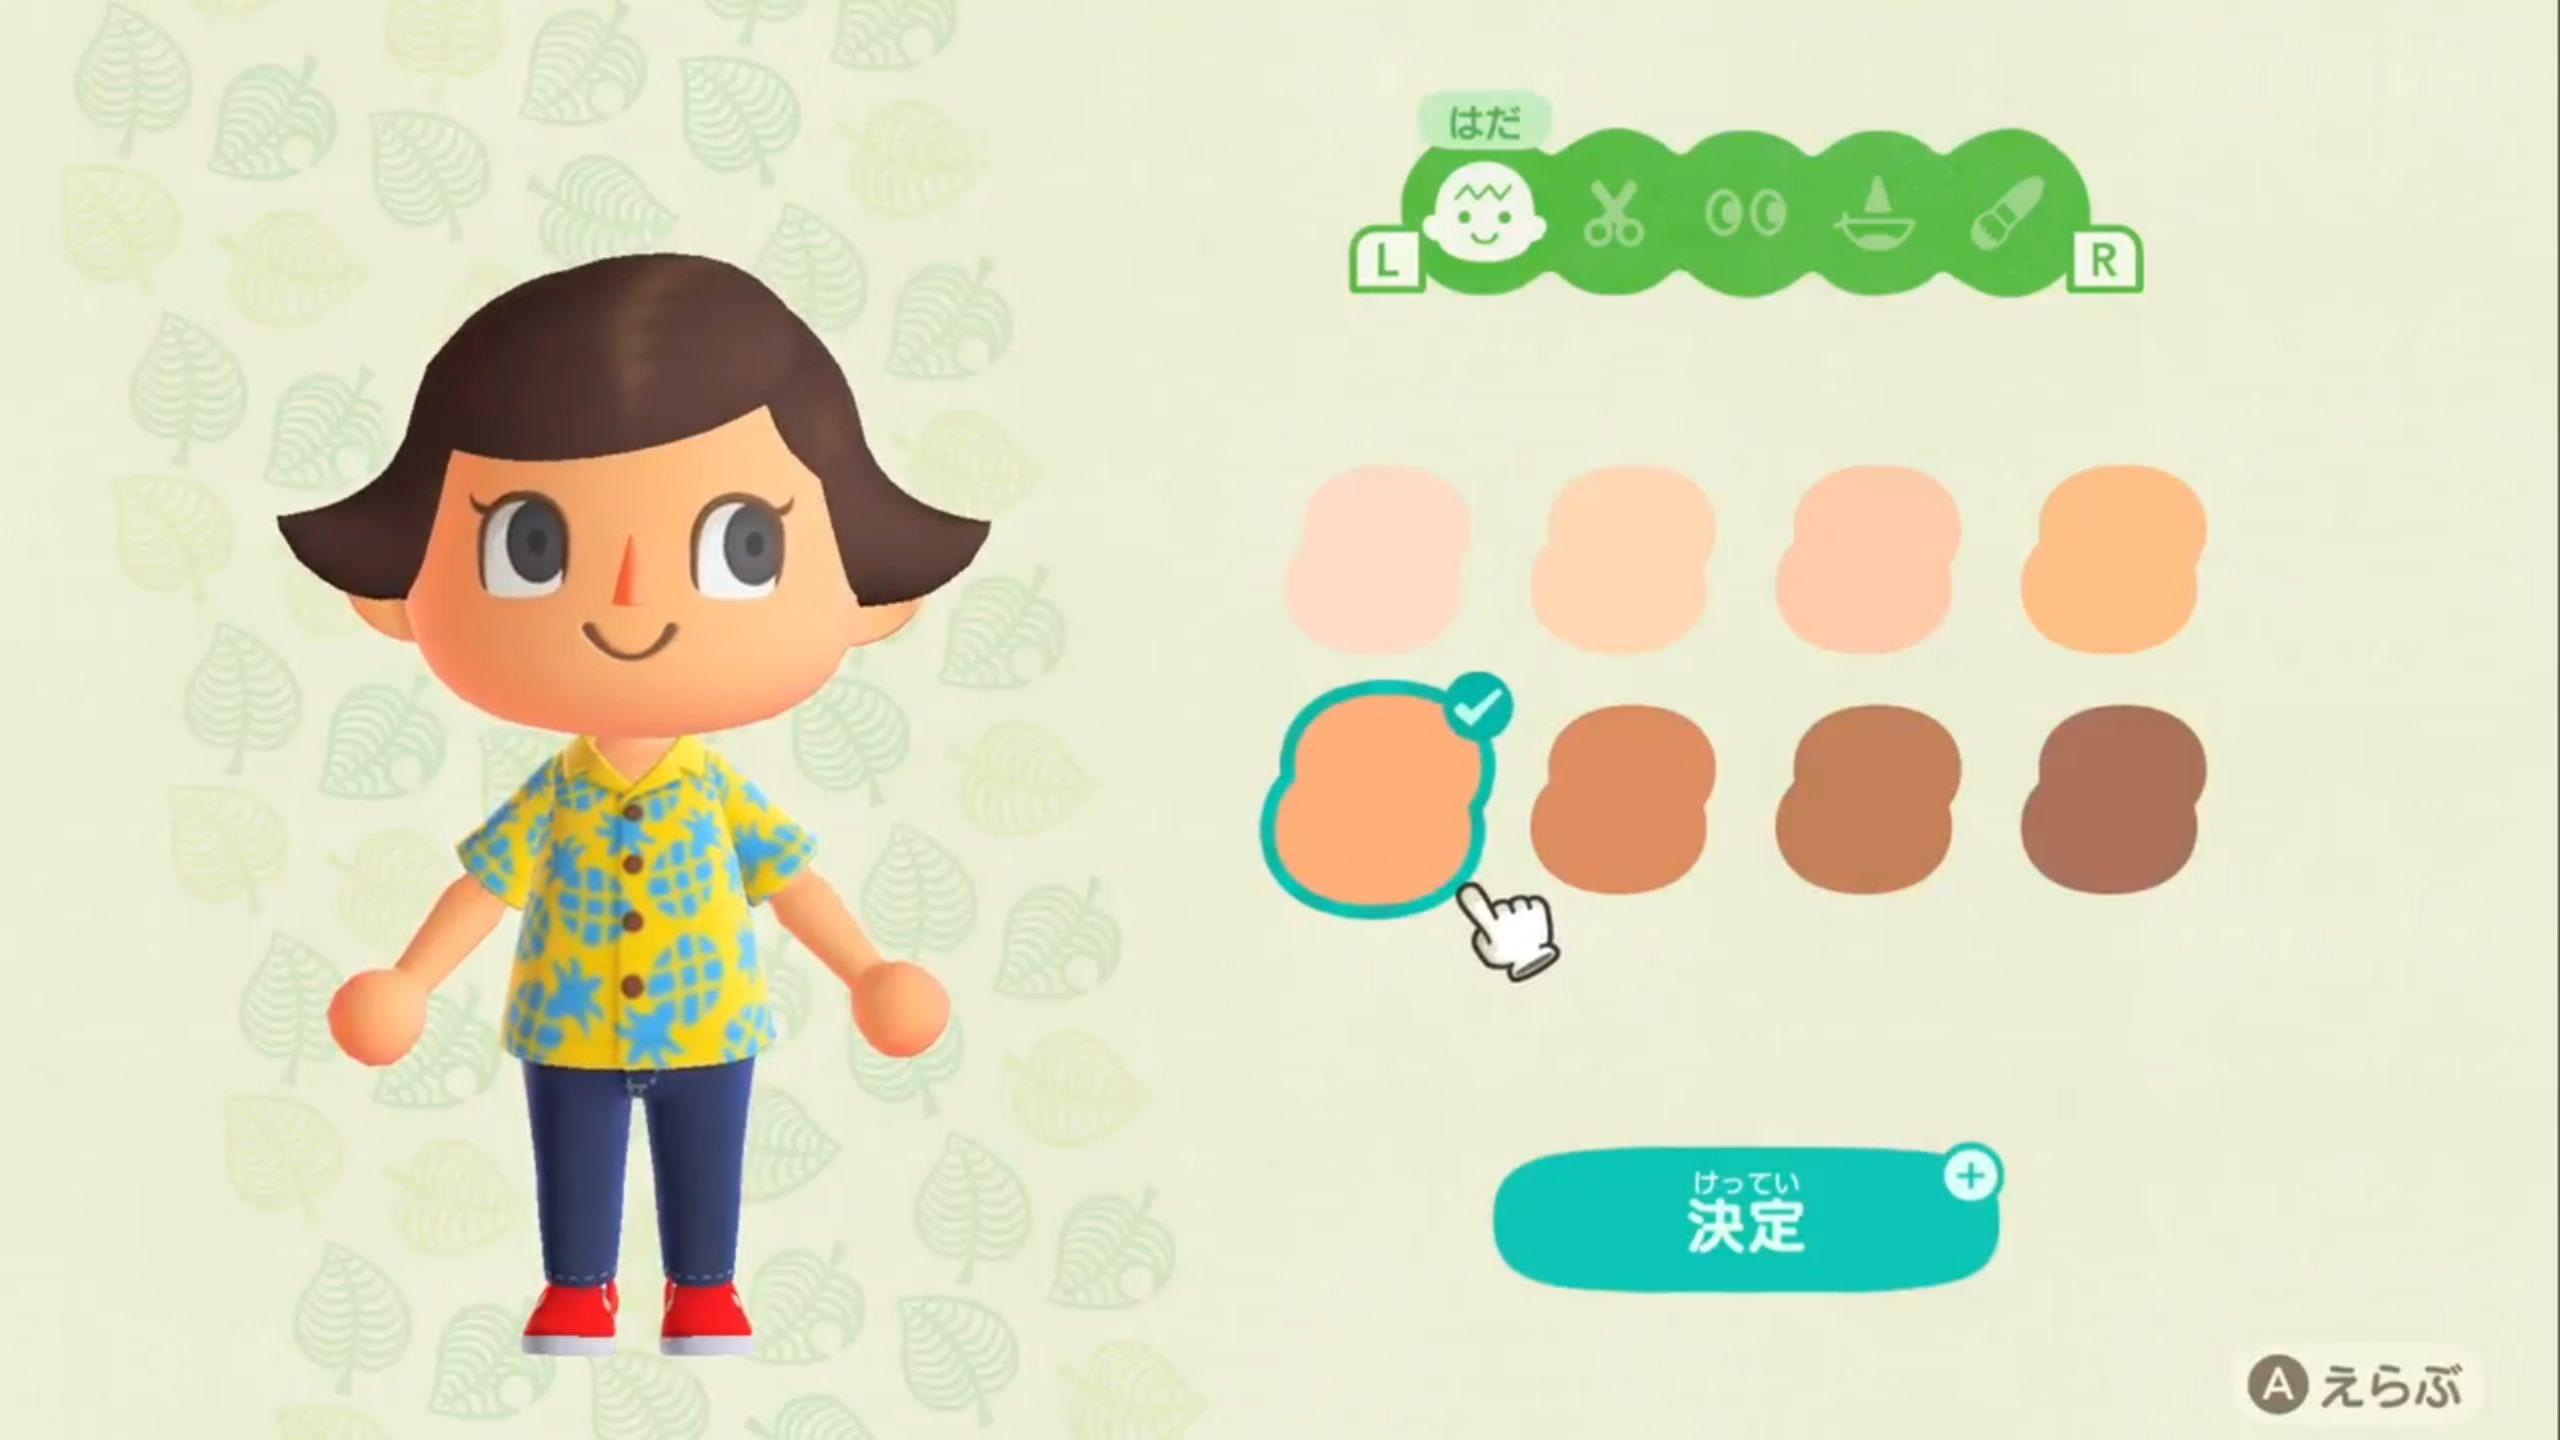 Видео: все варианты настройки прически и лица жителей деревни в Animal Crossing: New Horizons